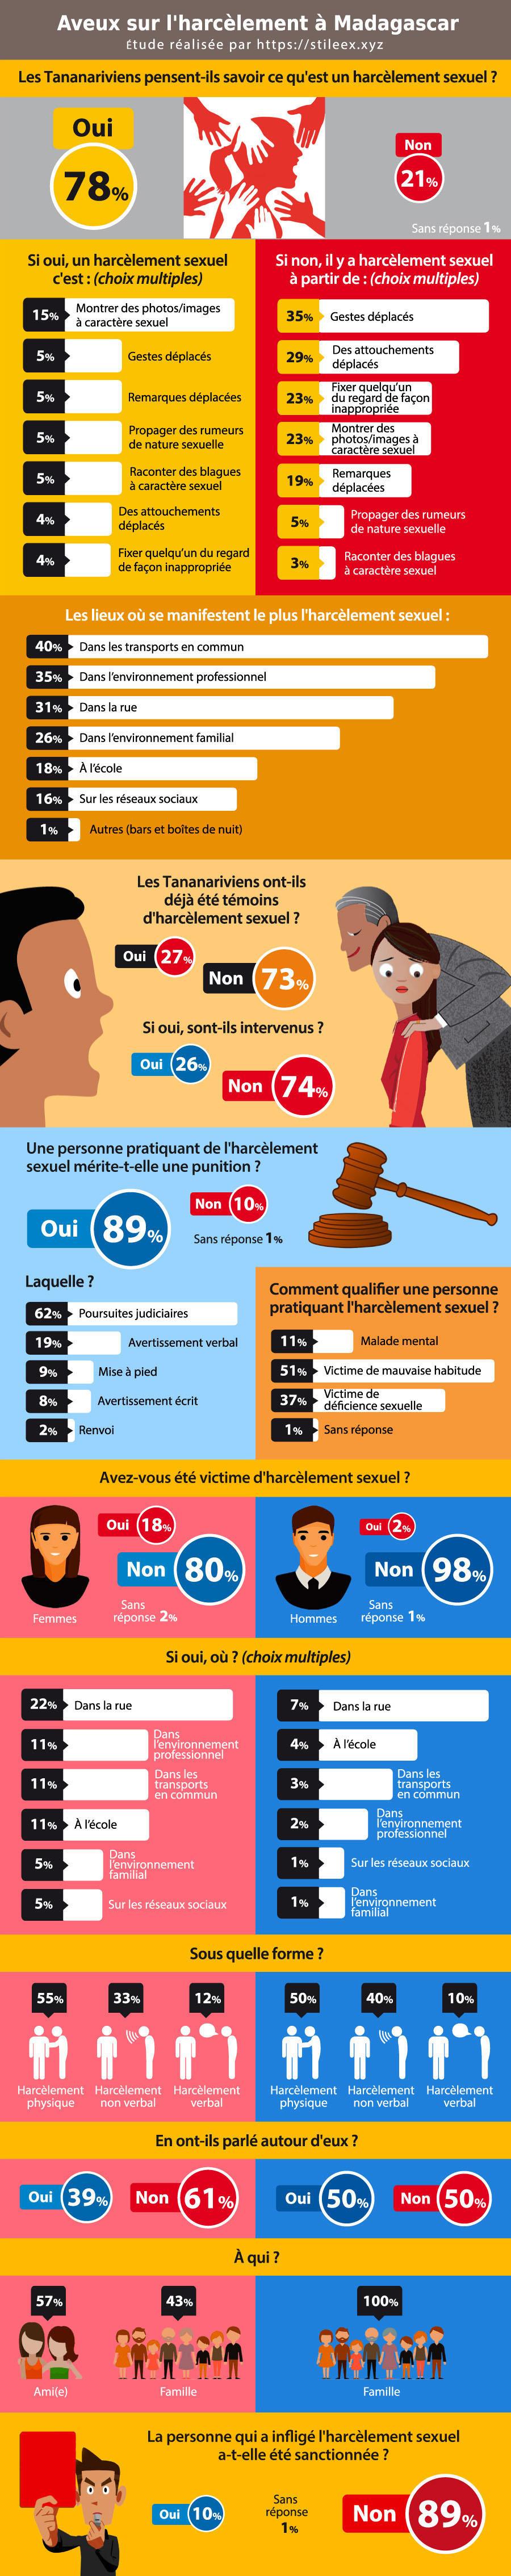 Le point de vue des Tananariviens sur le harcèlement sexuel à Madagascar